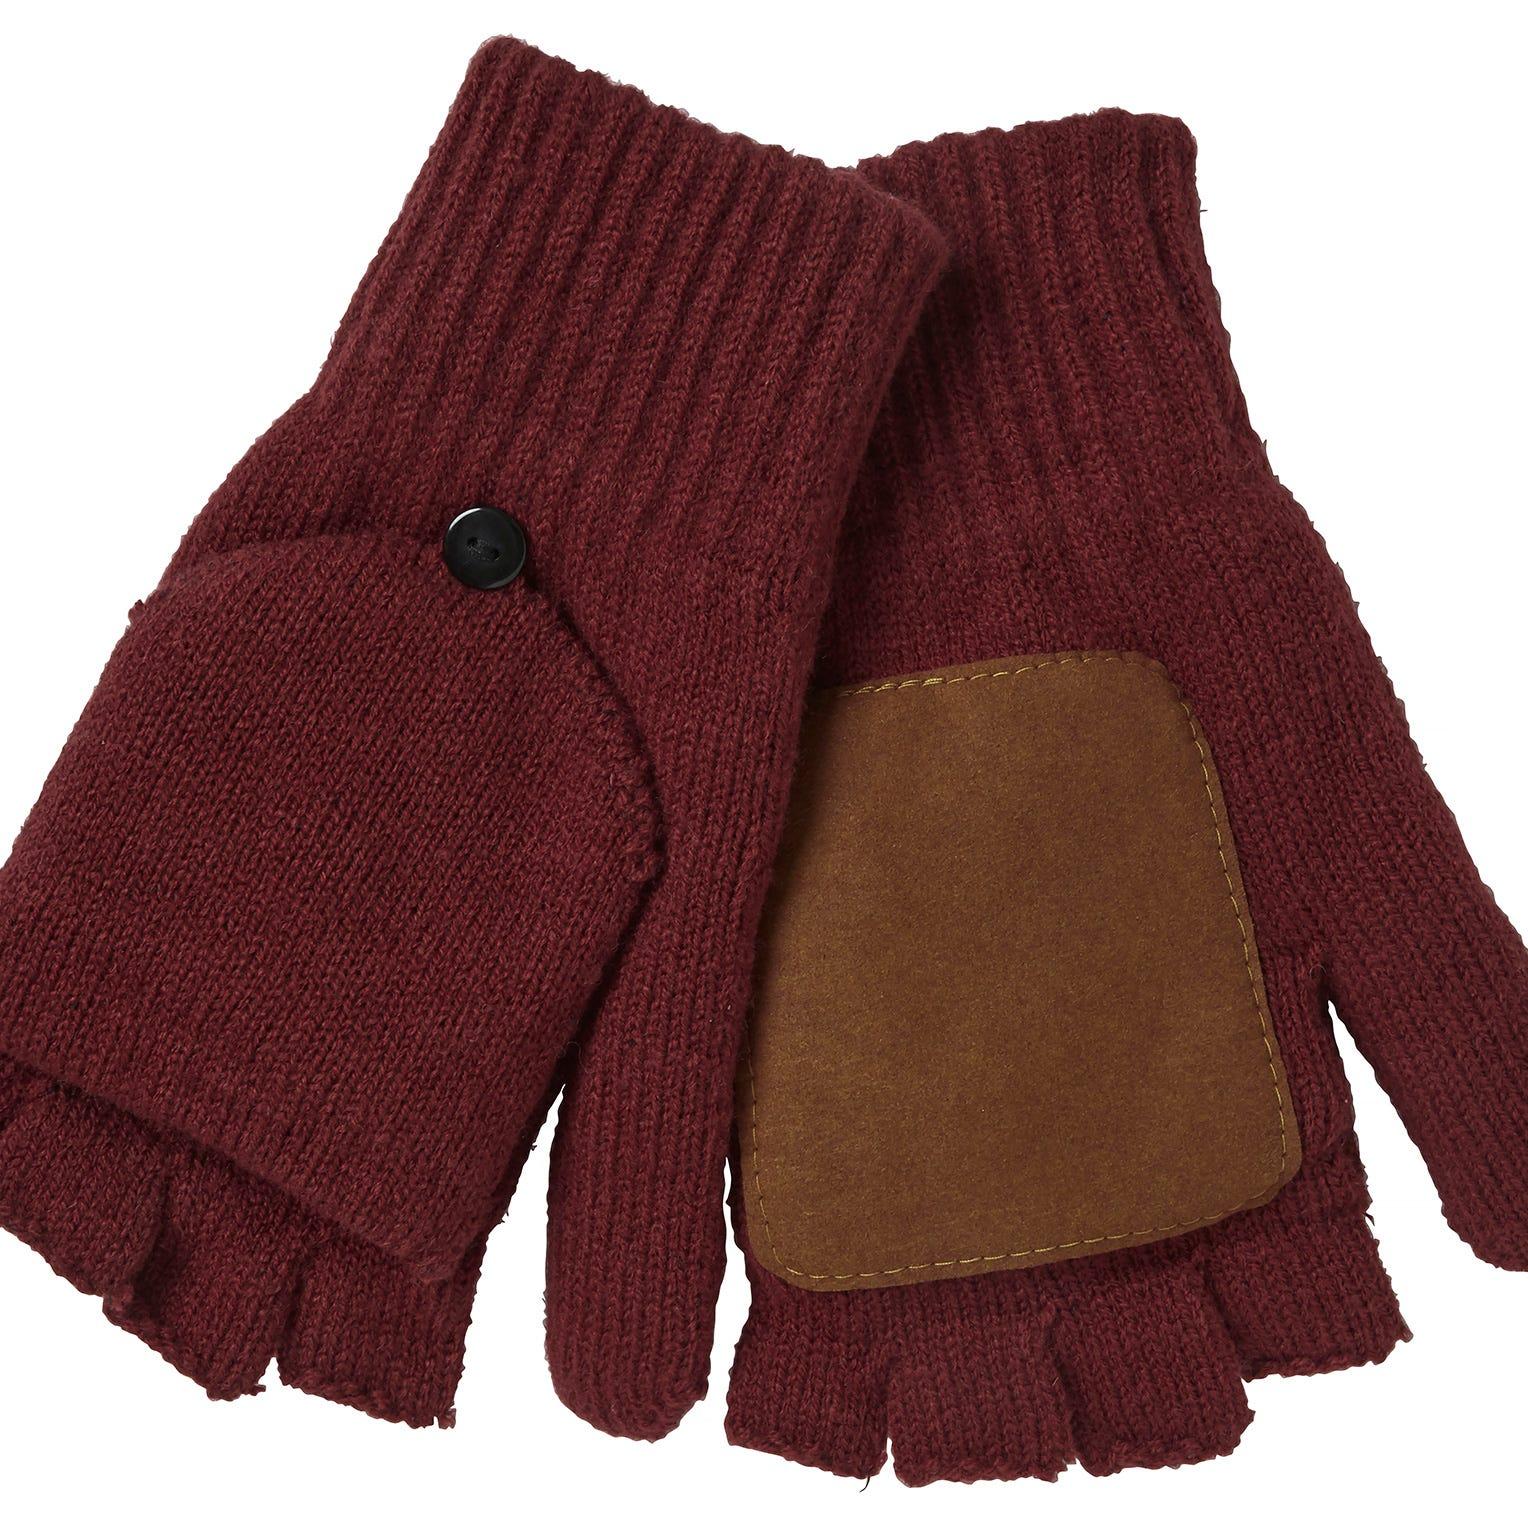 Helly Hansen Roam Gloves Mens Yellow XL